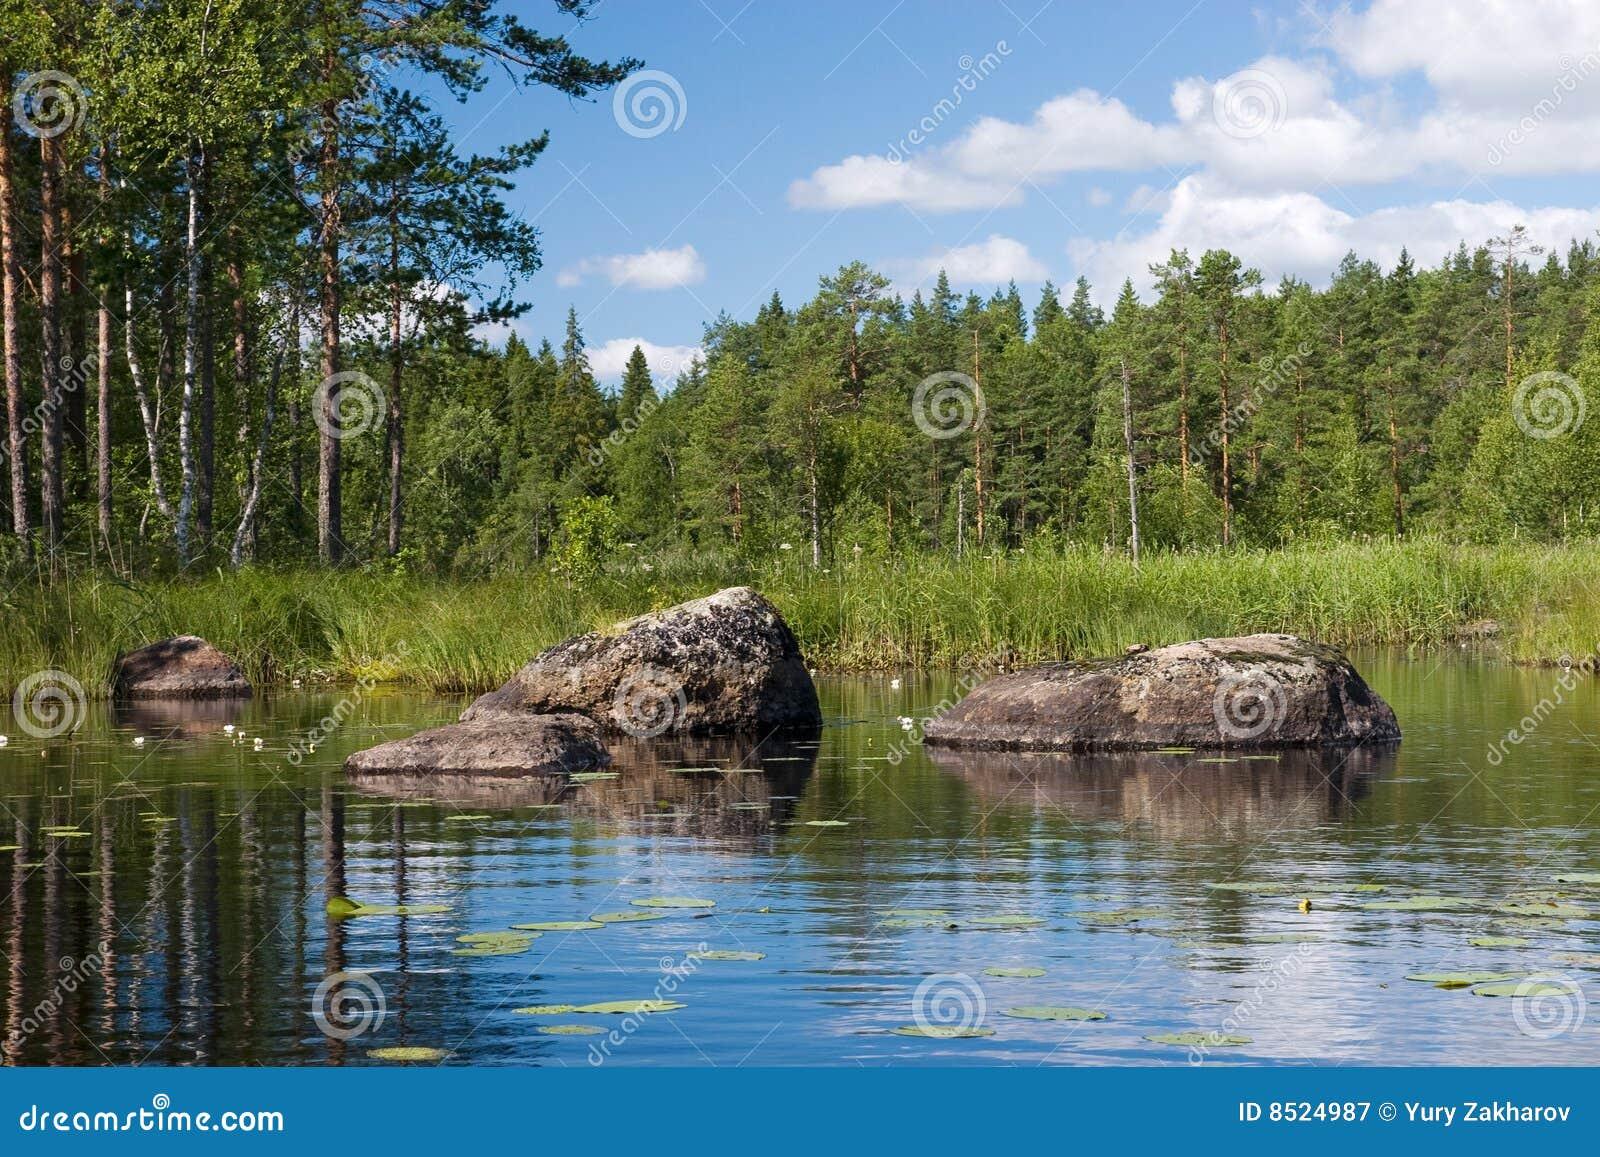 开花石森林的湖图片